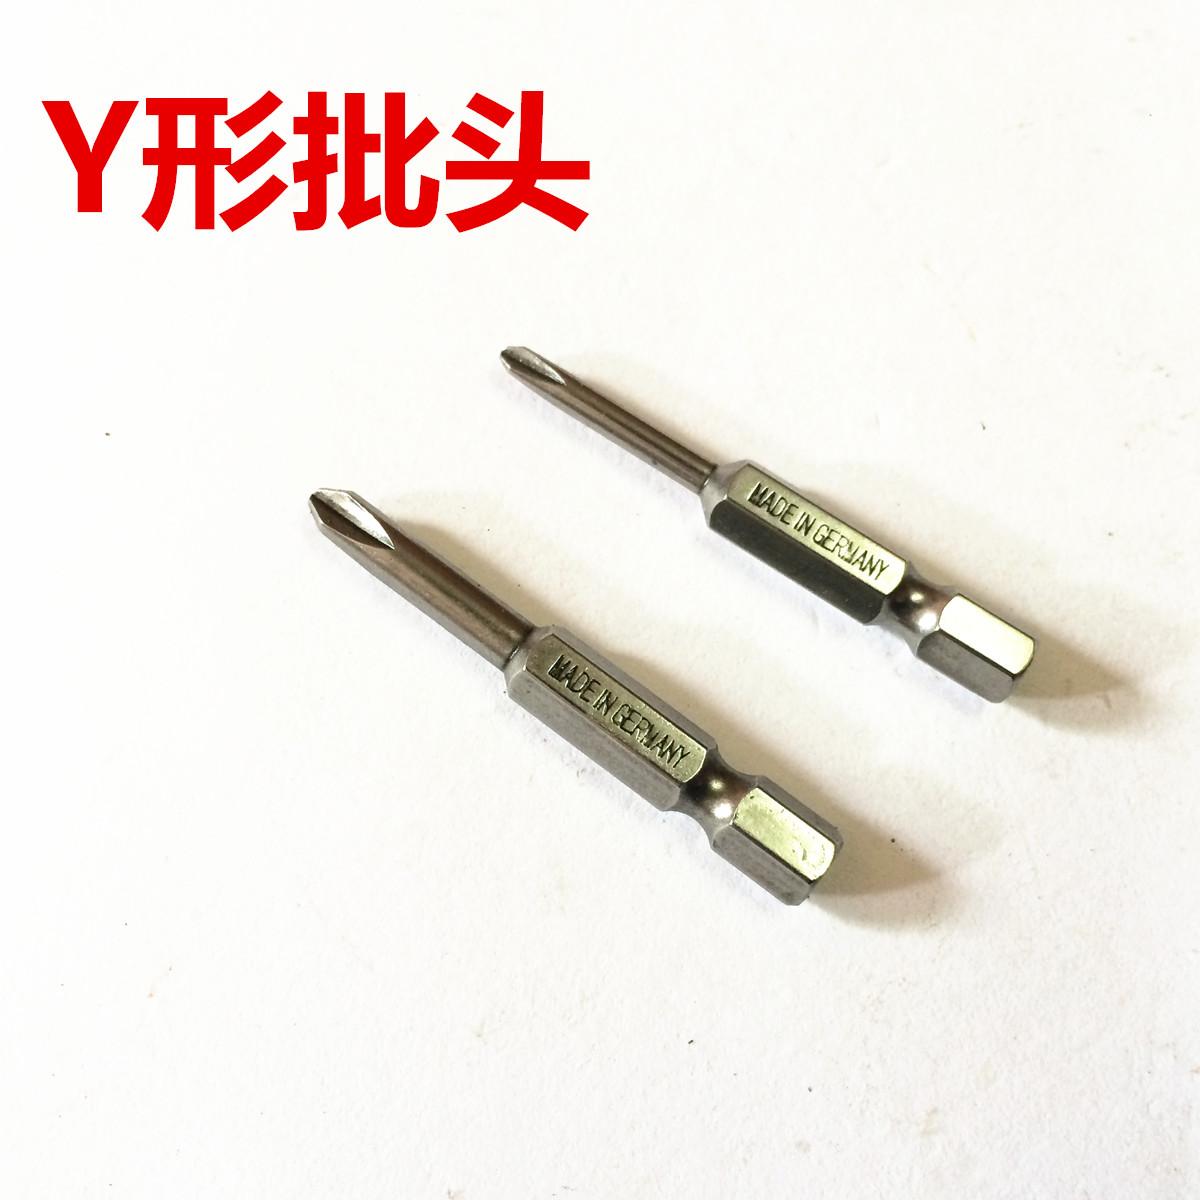 强磁性DSL  Y 形批头 起子头 螺丝刀头5cm长